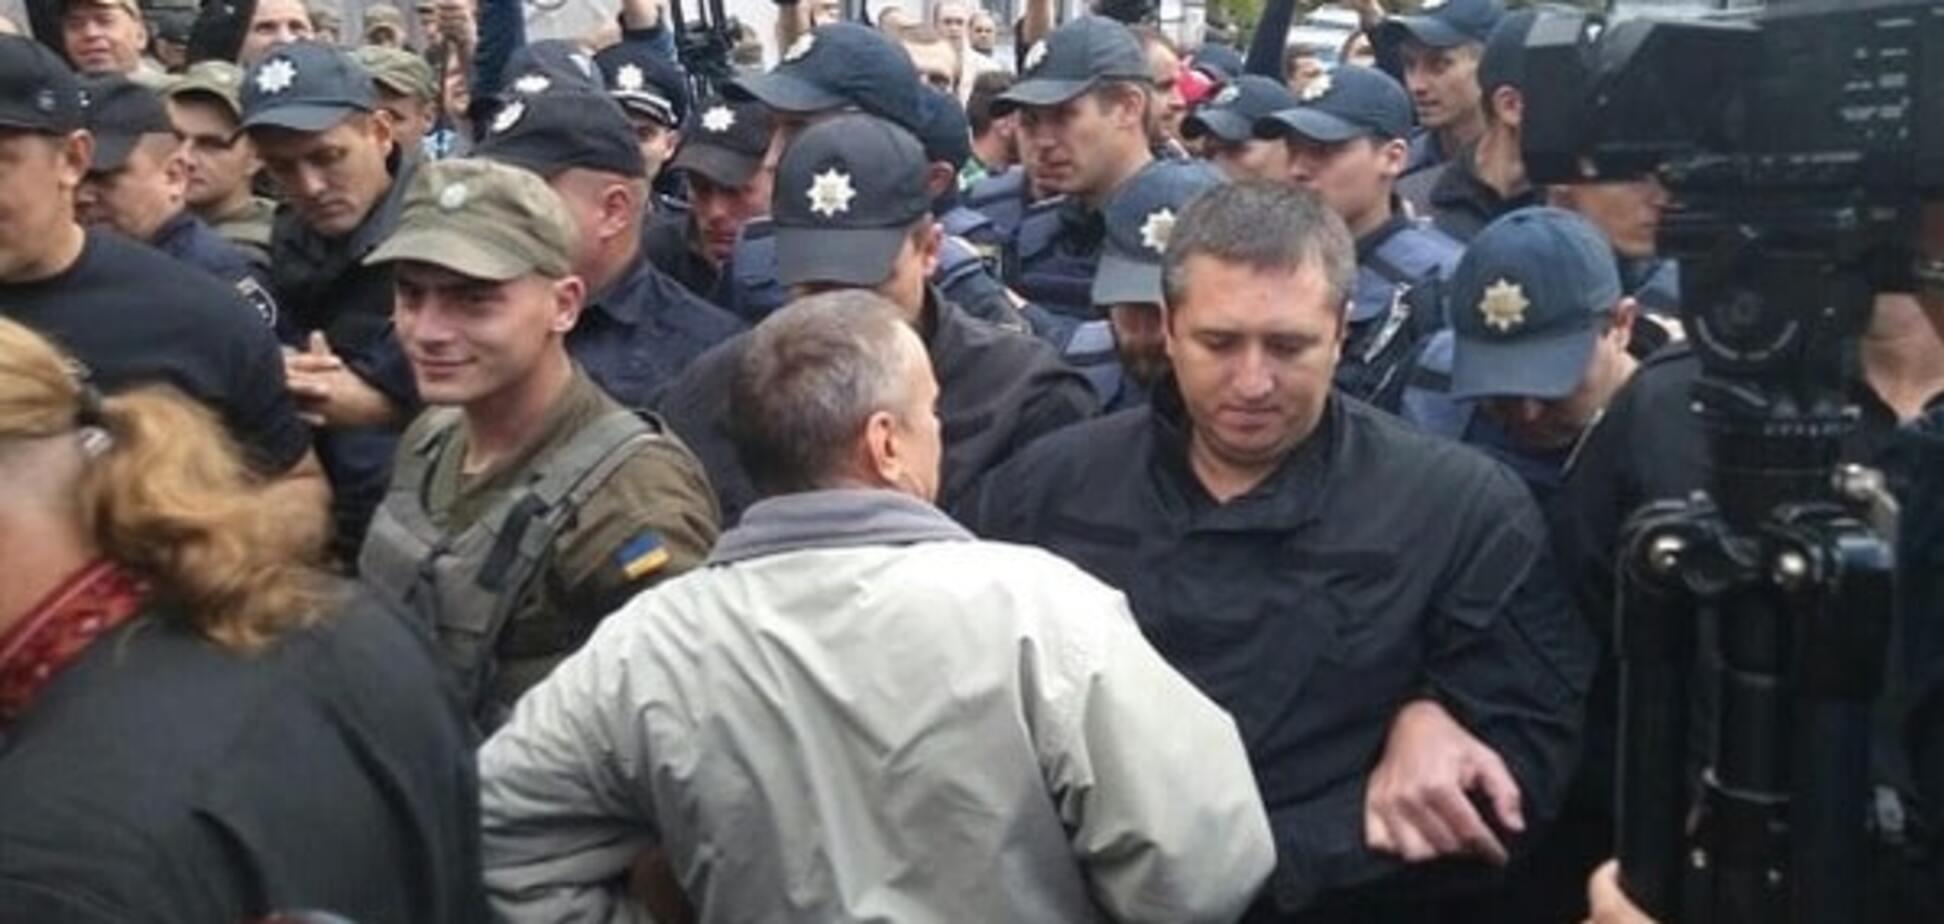 Потасовки у посольства РФ: полиция отпустила всех задержанных